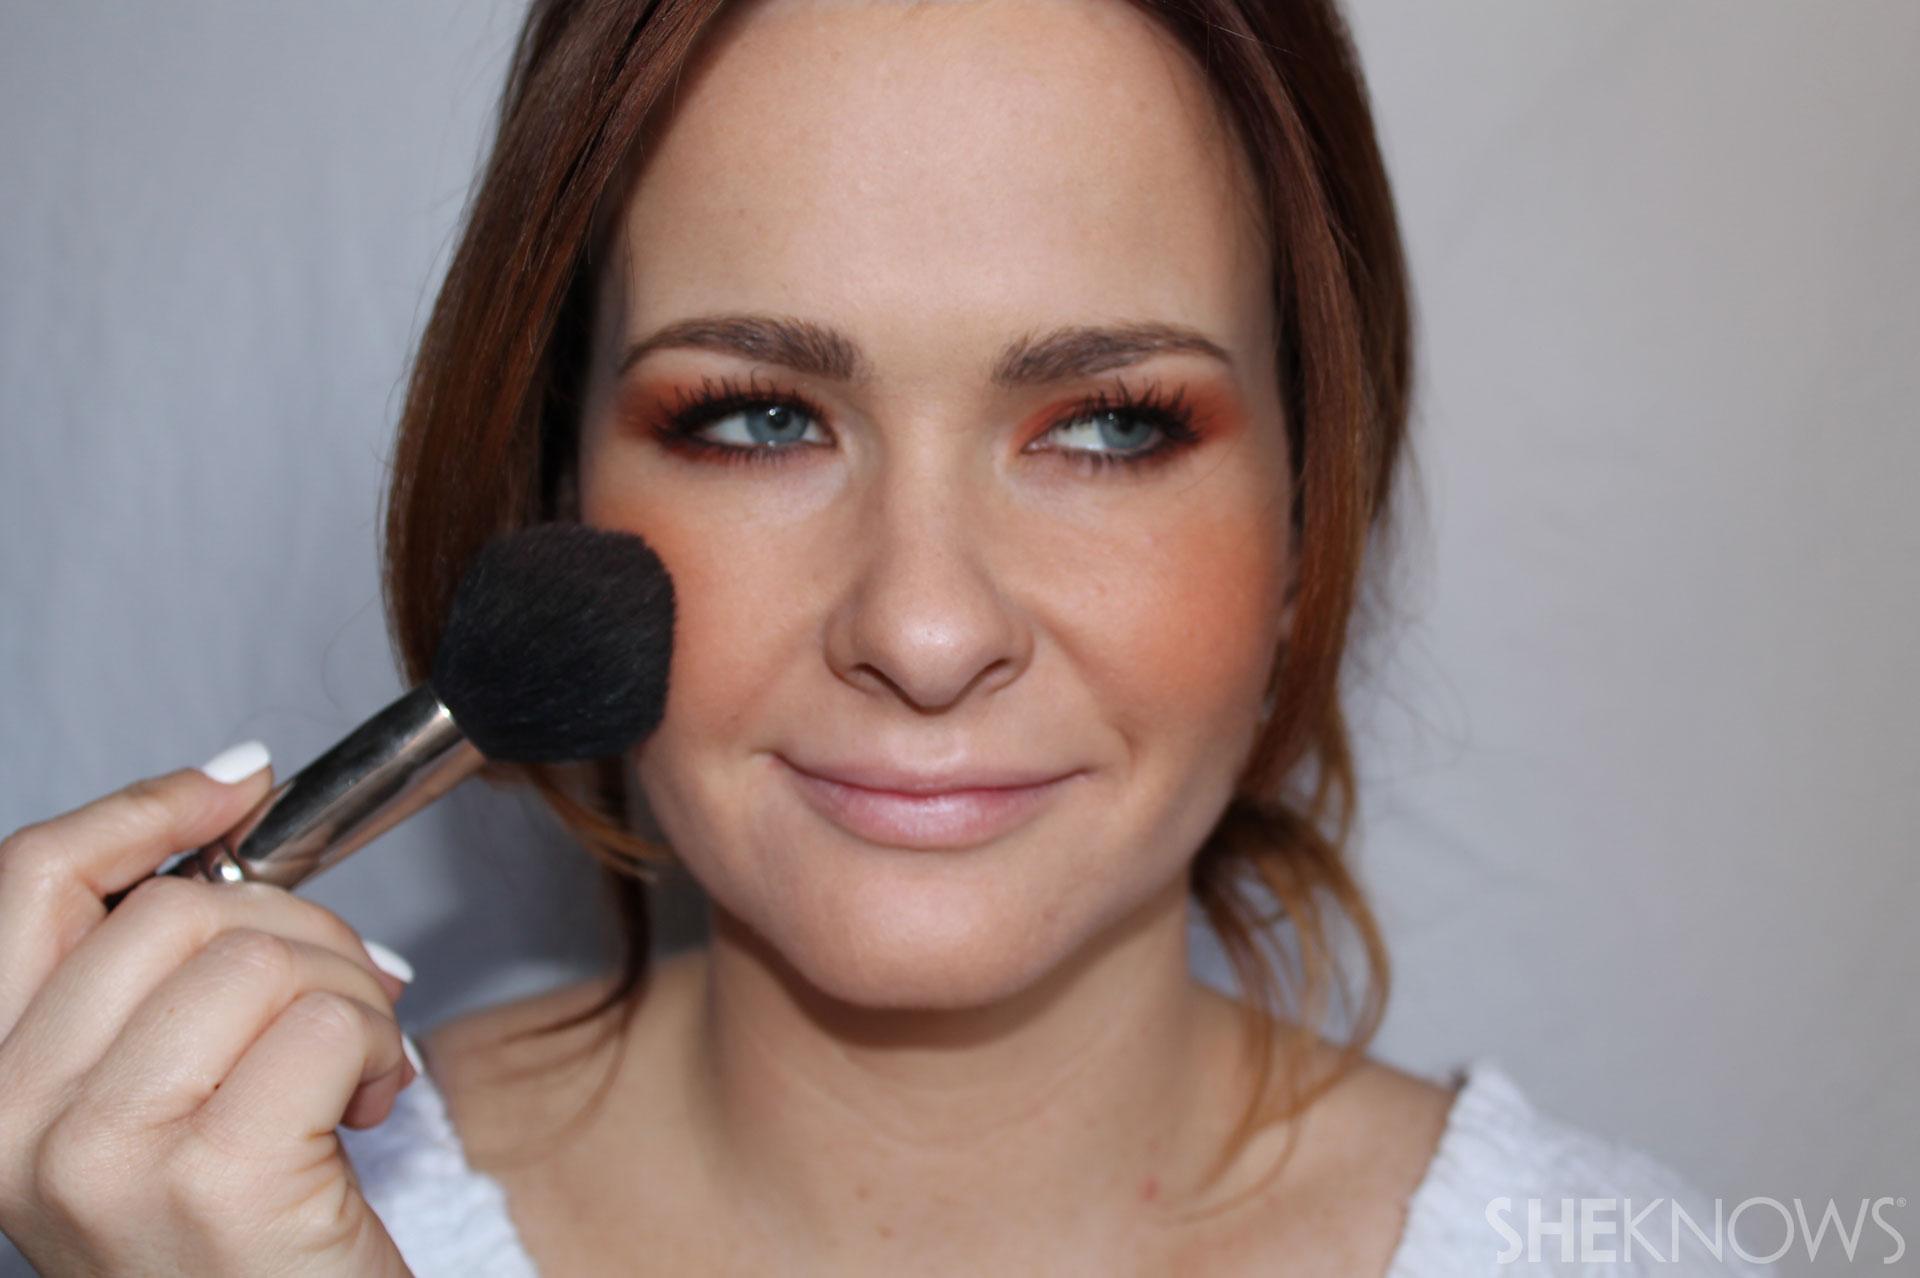 DYI bright eyeshadow: Dust on blush